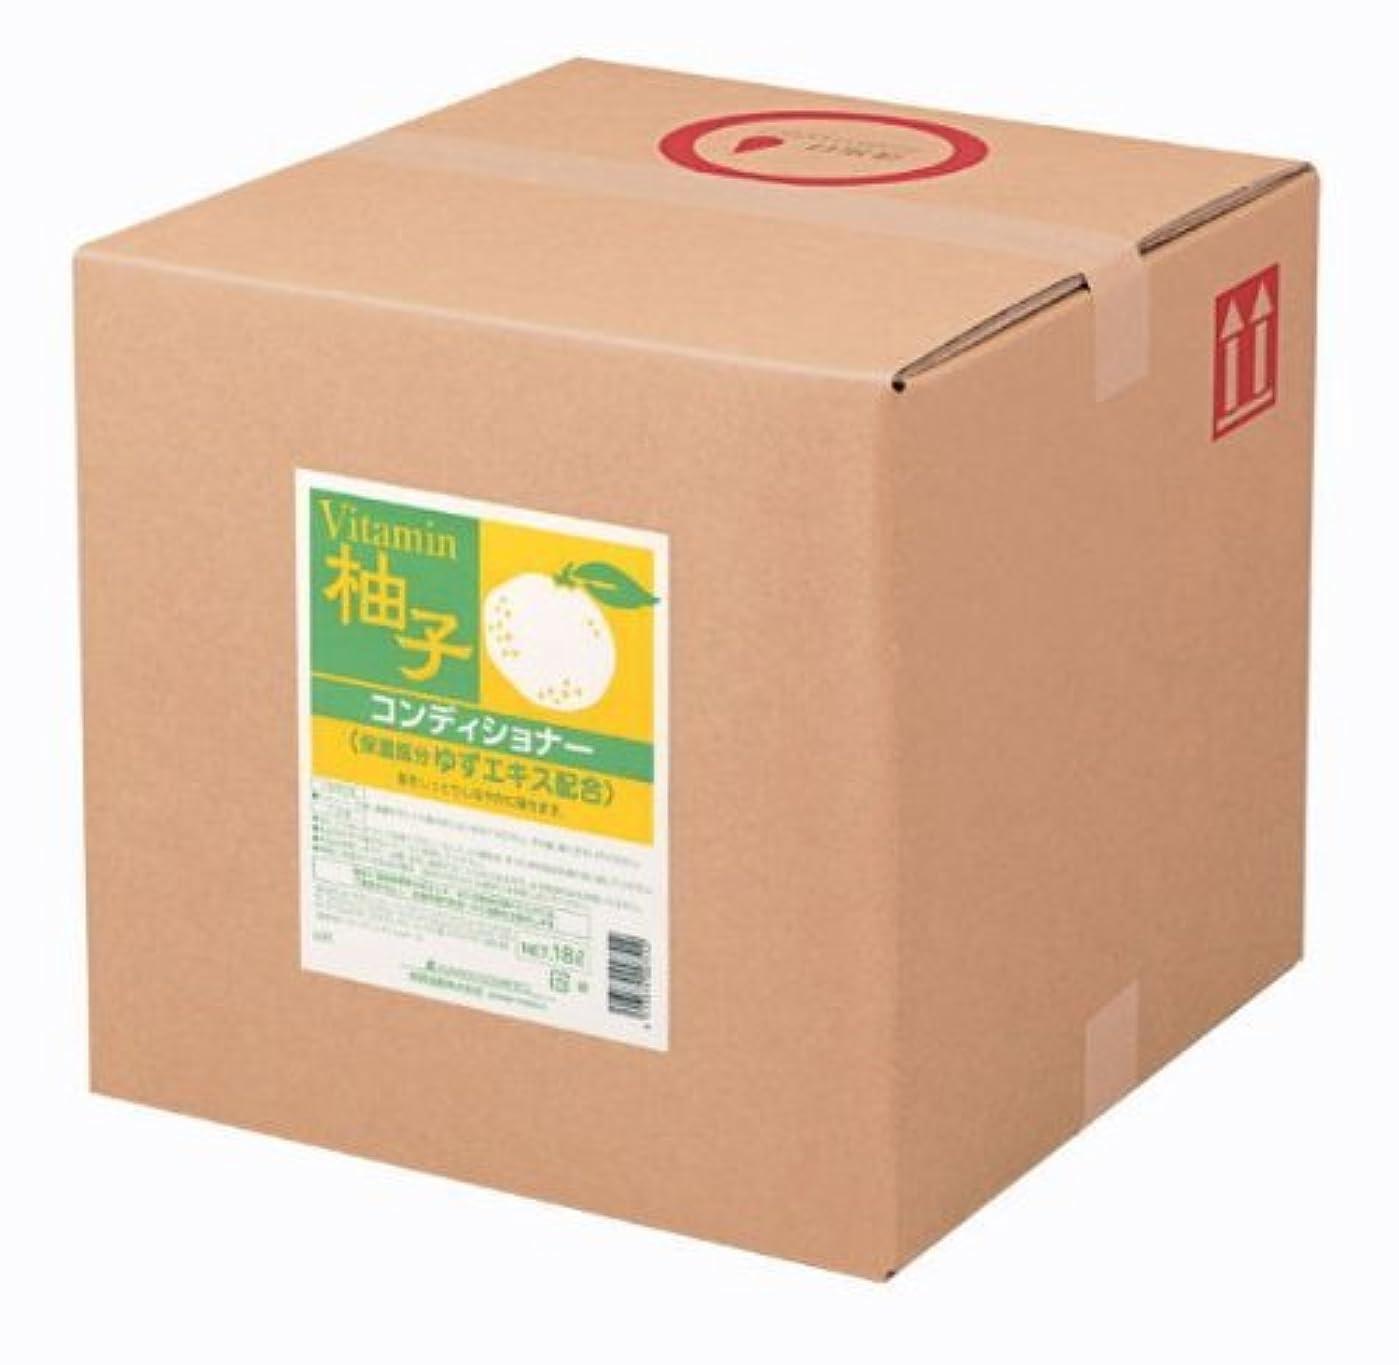 説教丈夫引き渡す熊野油脂 業務用 柚子 コンディショナー 18L